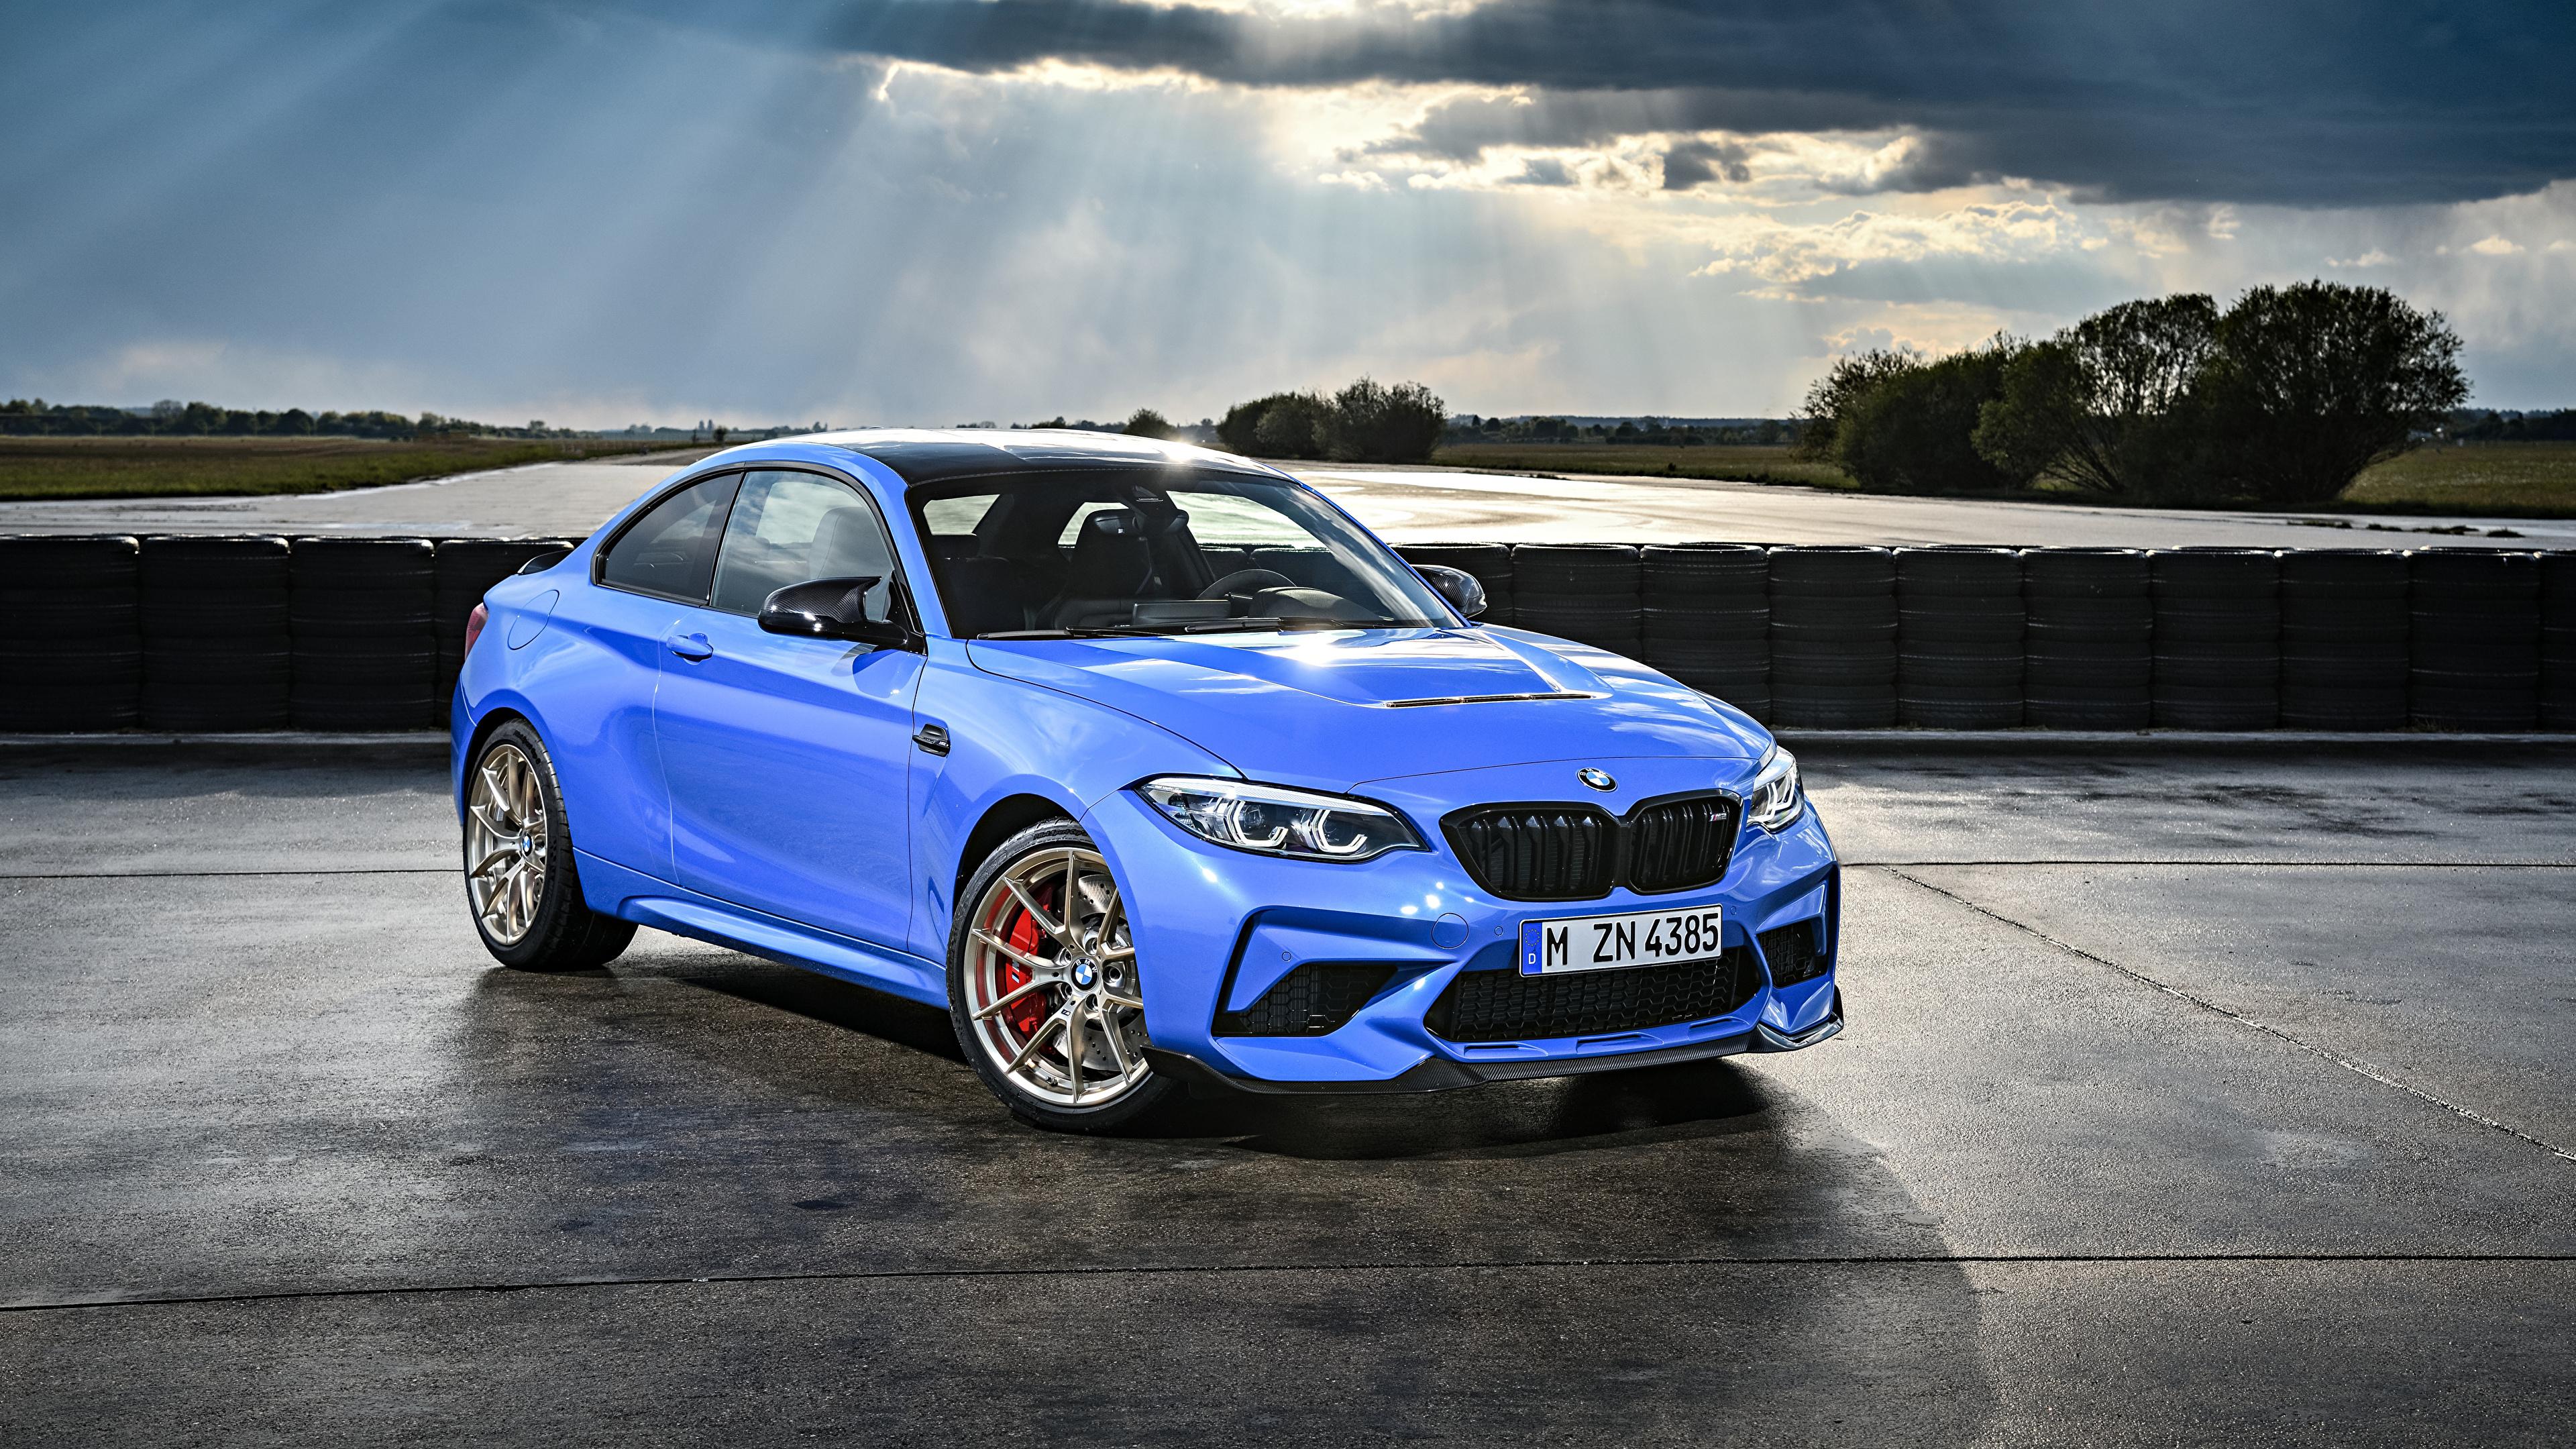 Фотография BMW 2019 M2 CS Worldwide голубая Металлик Автомобили 3840x2160 БМВ Голубой голубые голубых авто машины машина автомобиль